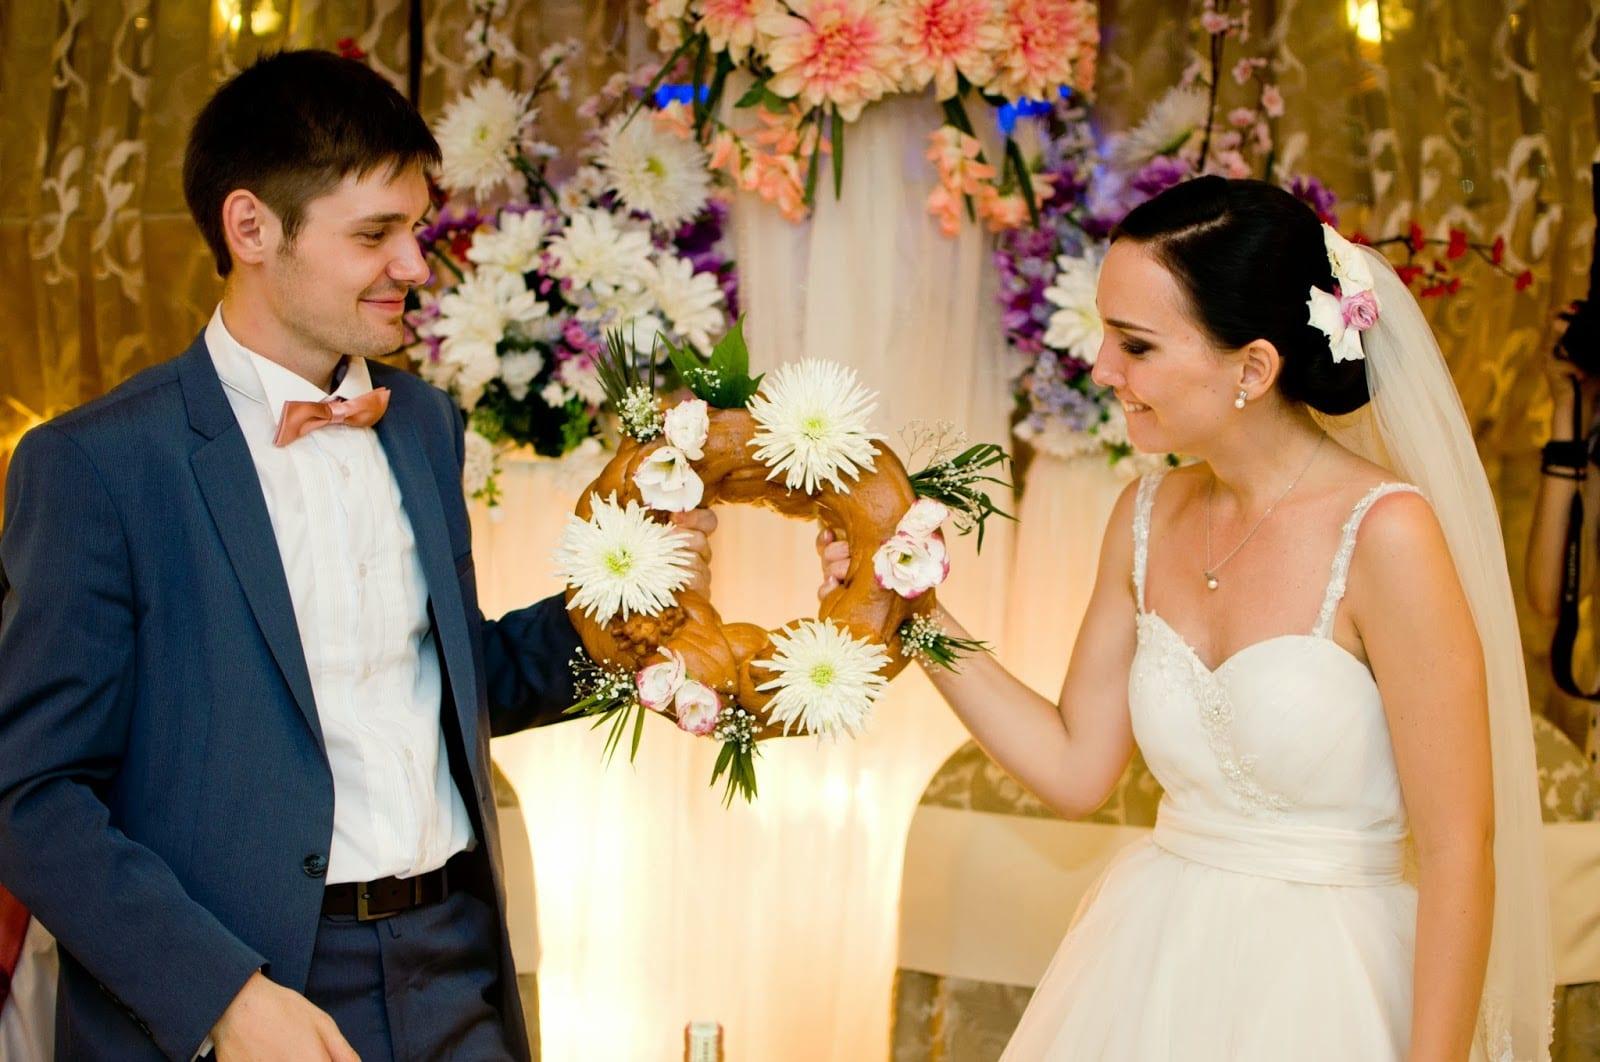 Rito Simbolico Matrimonio : La cerimonia del pane rito simbolico per le nozze the